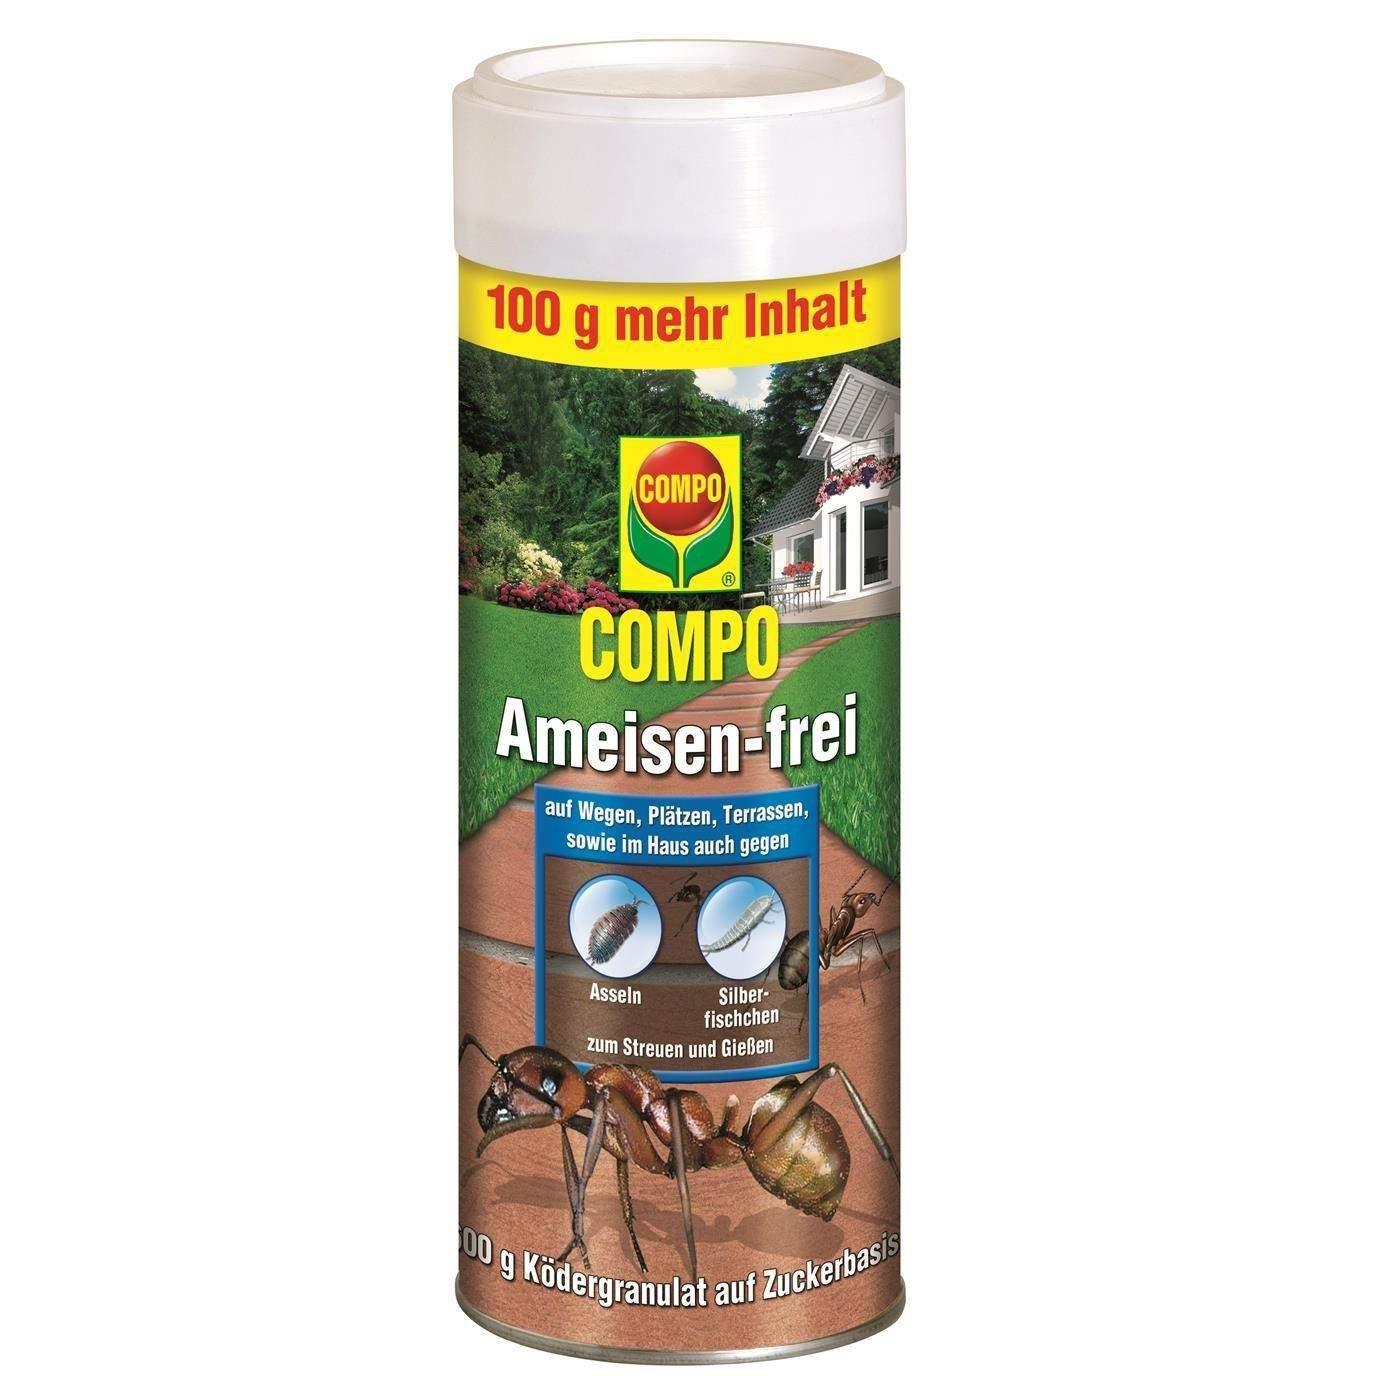 600g PO Ameisen frei 100g mehr Inhalt 1